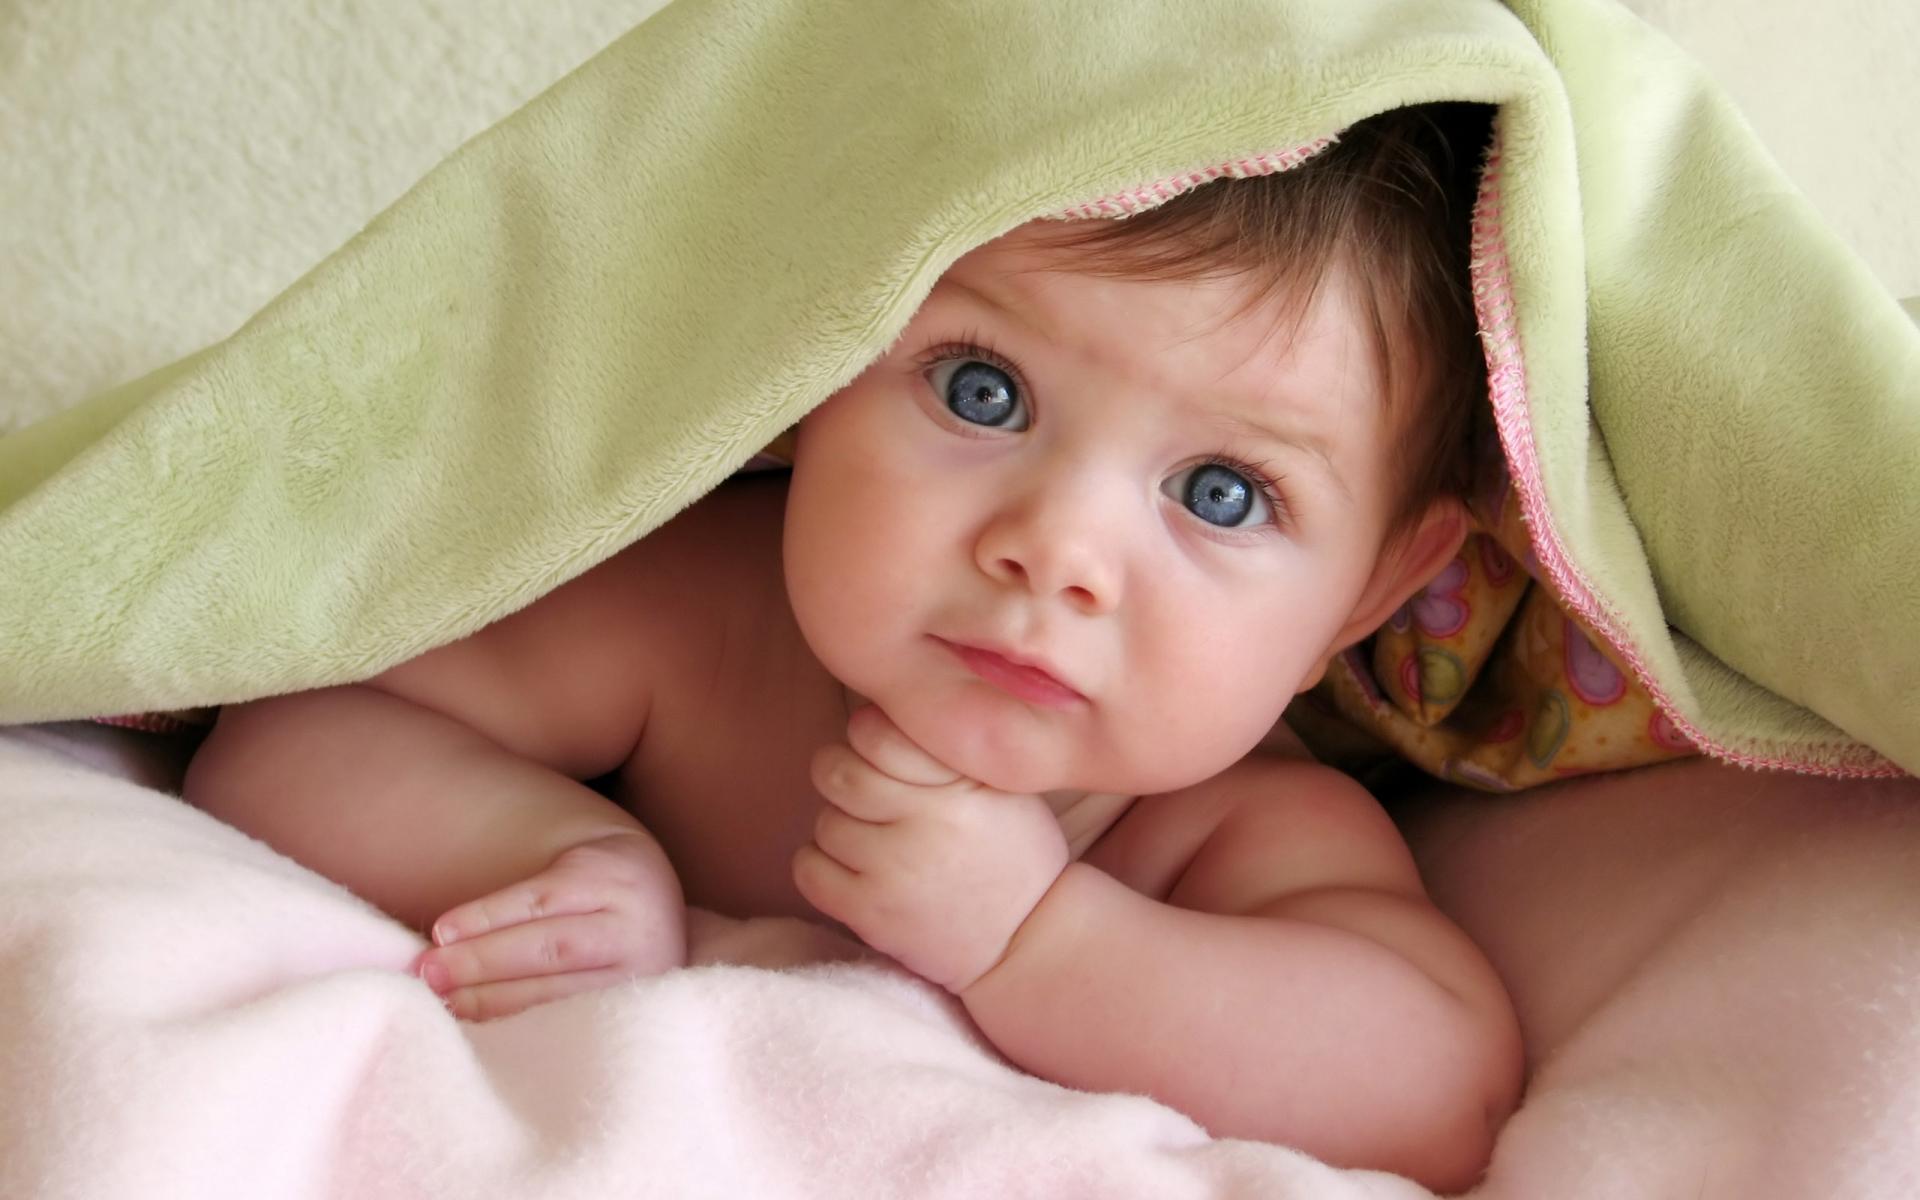 Un lindo bebe - 1920x1200